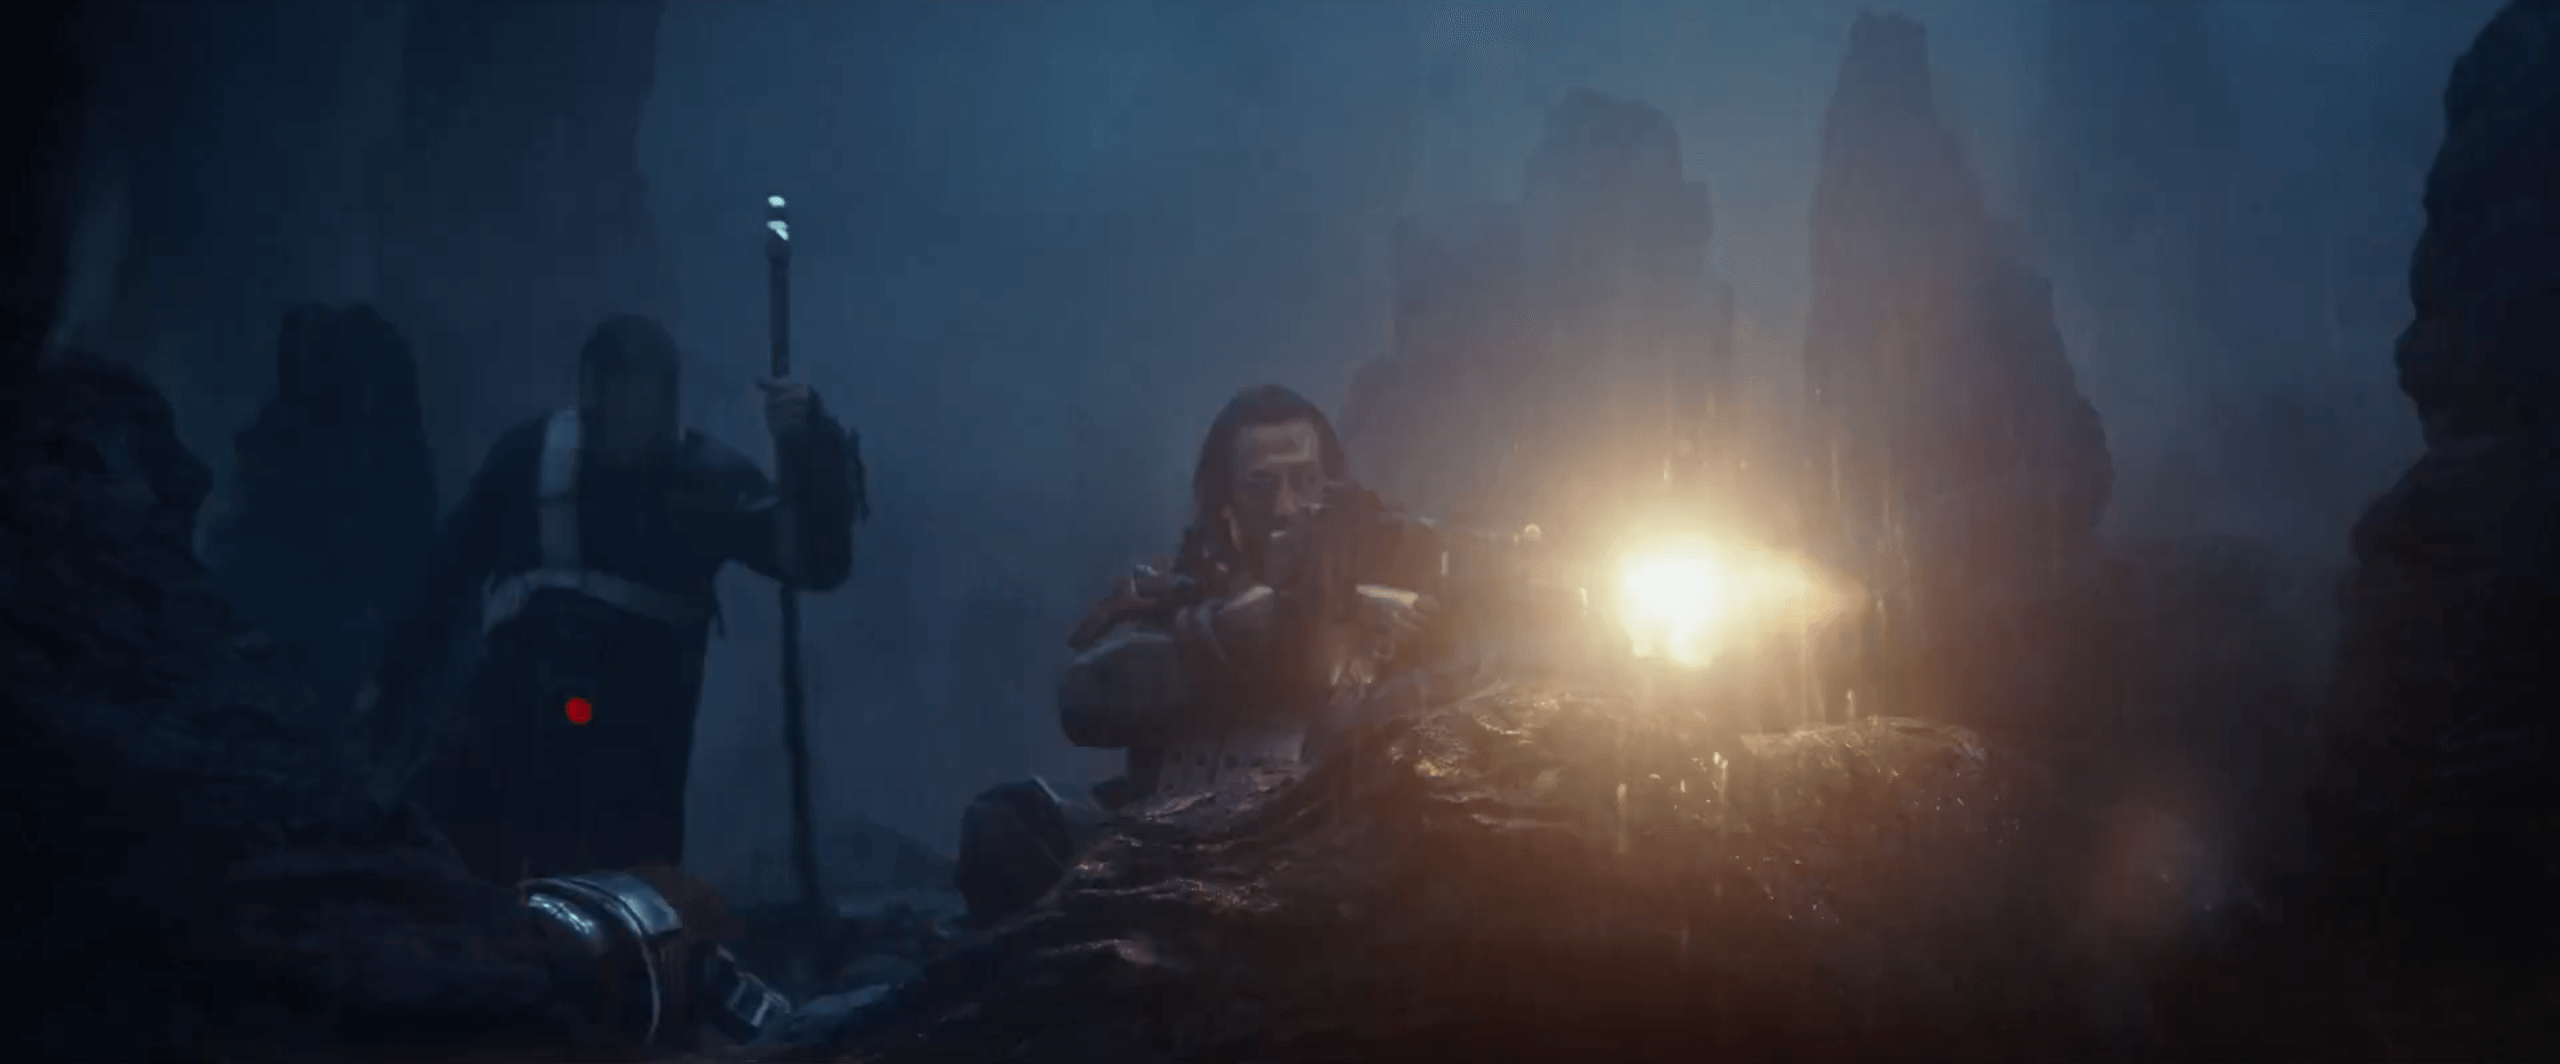 Rogue One trailer breakdown 10